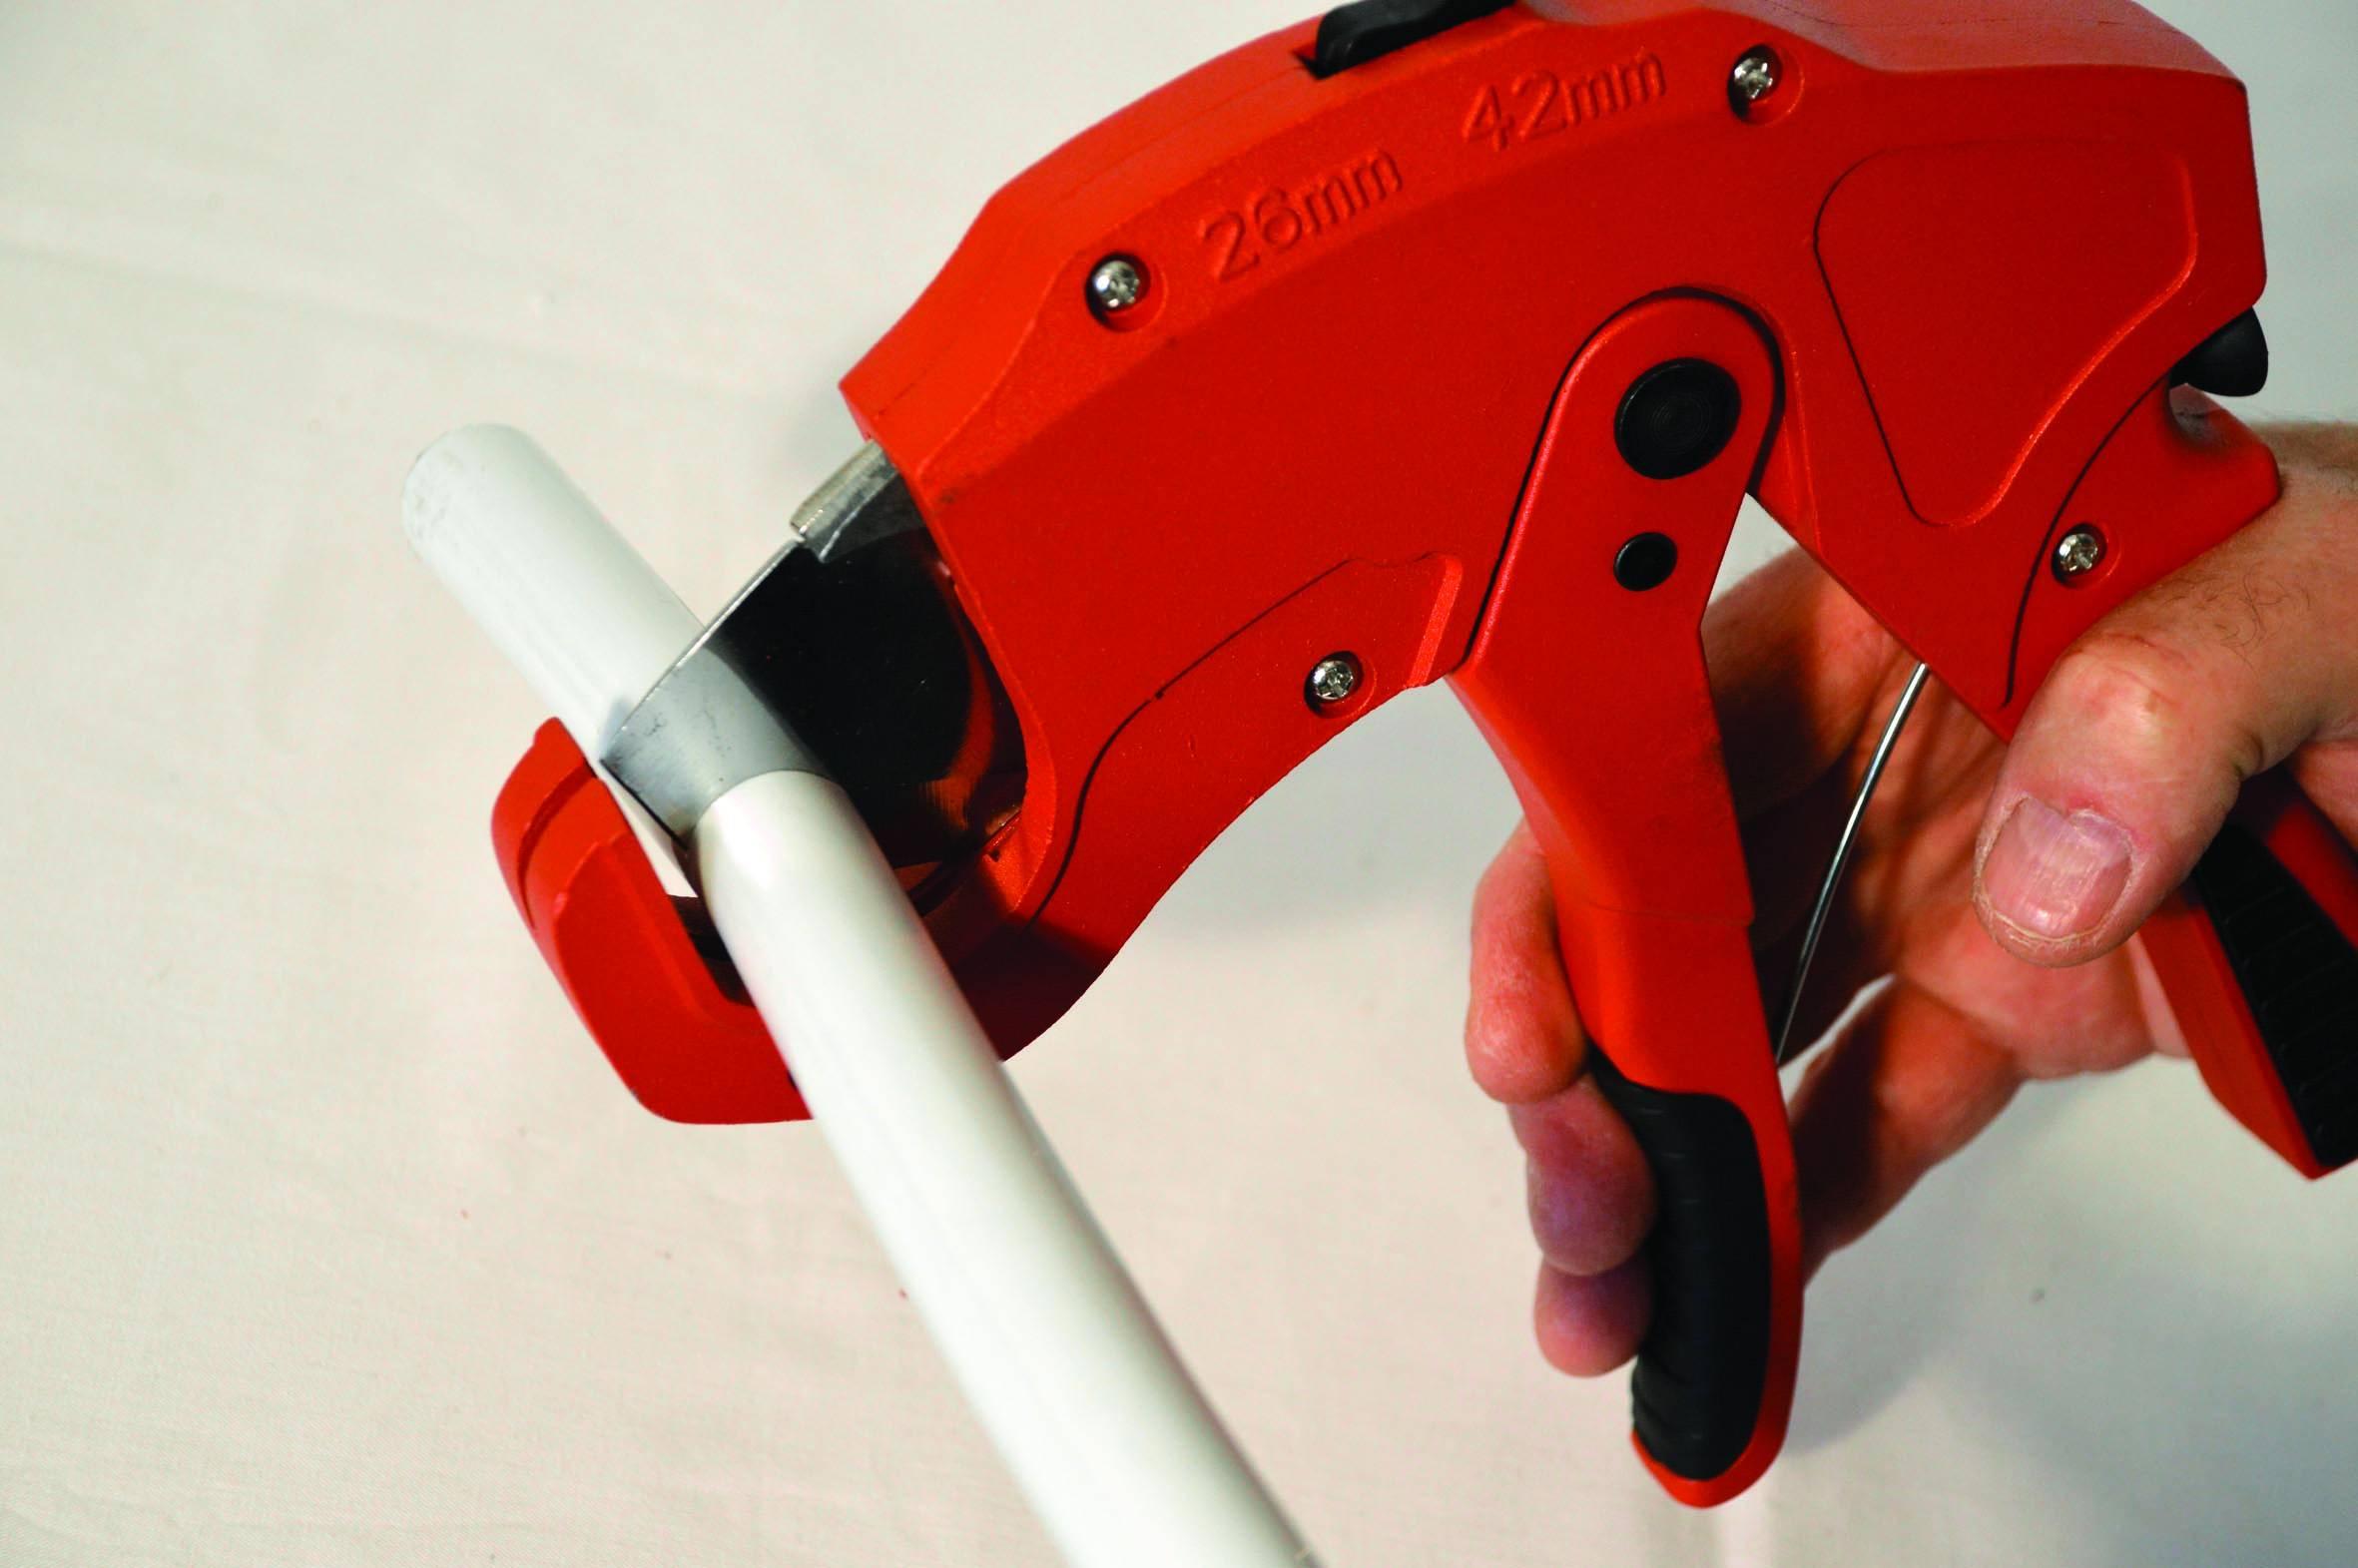 Les tubes multicouches : des tuyaux à la pointe de la technologie